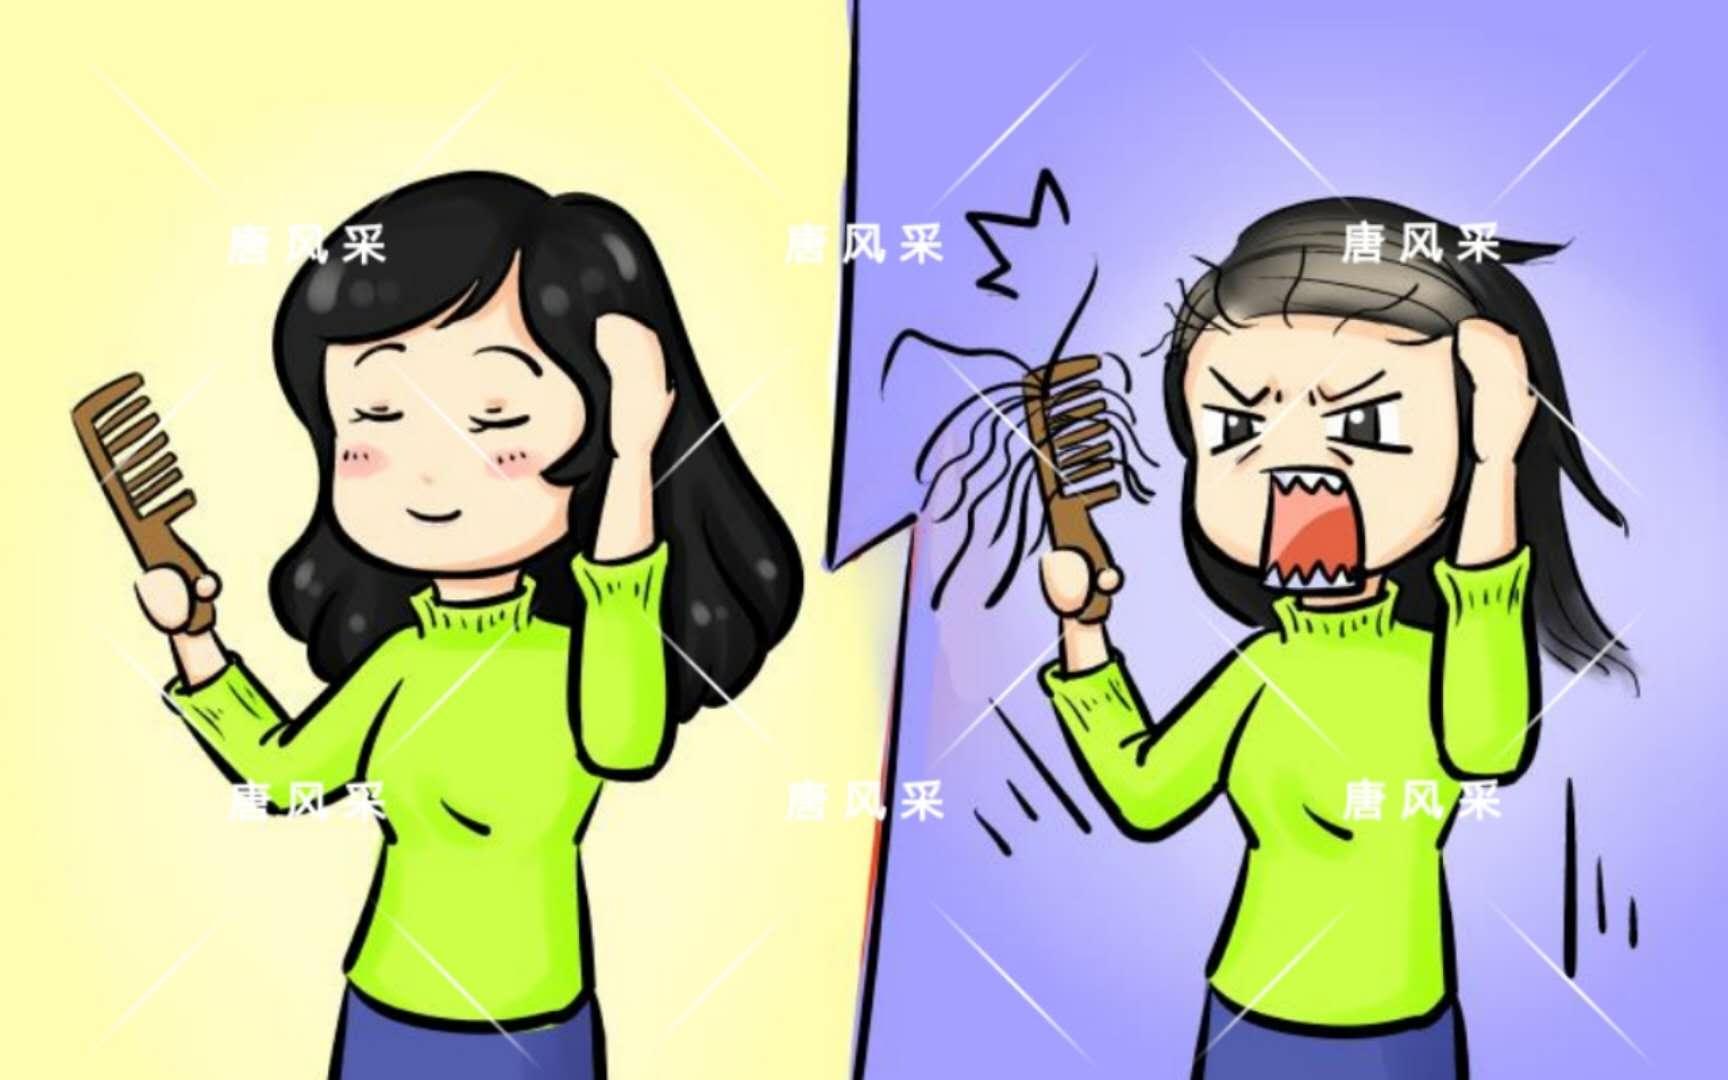 最近比较烦,头发掉得太厉害!